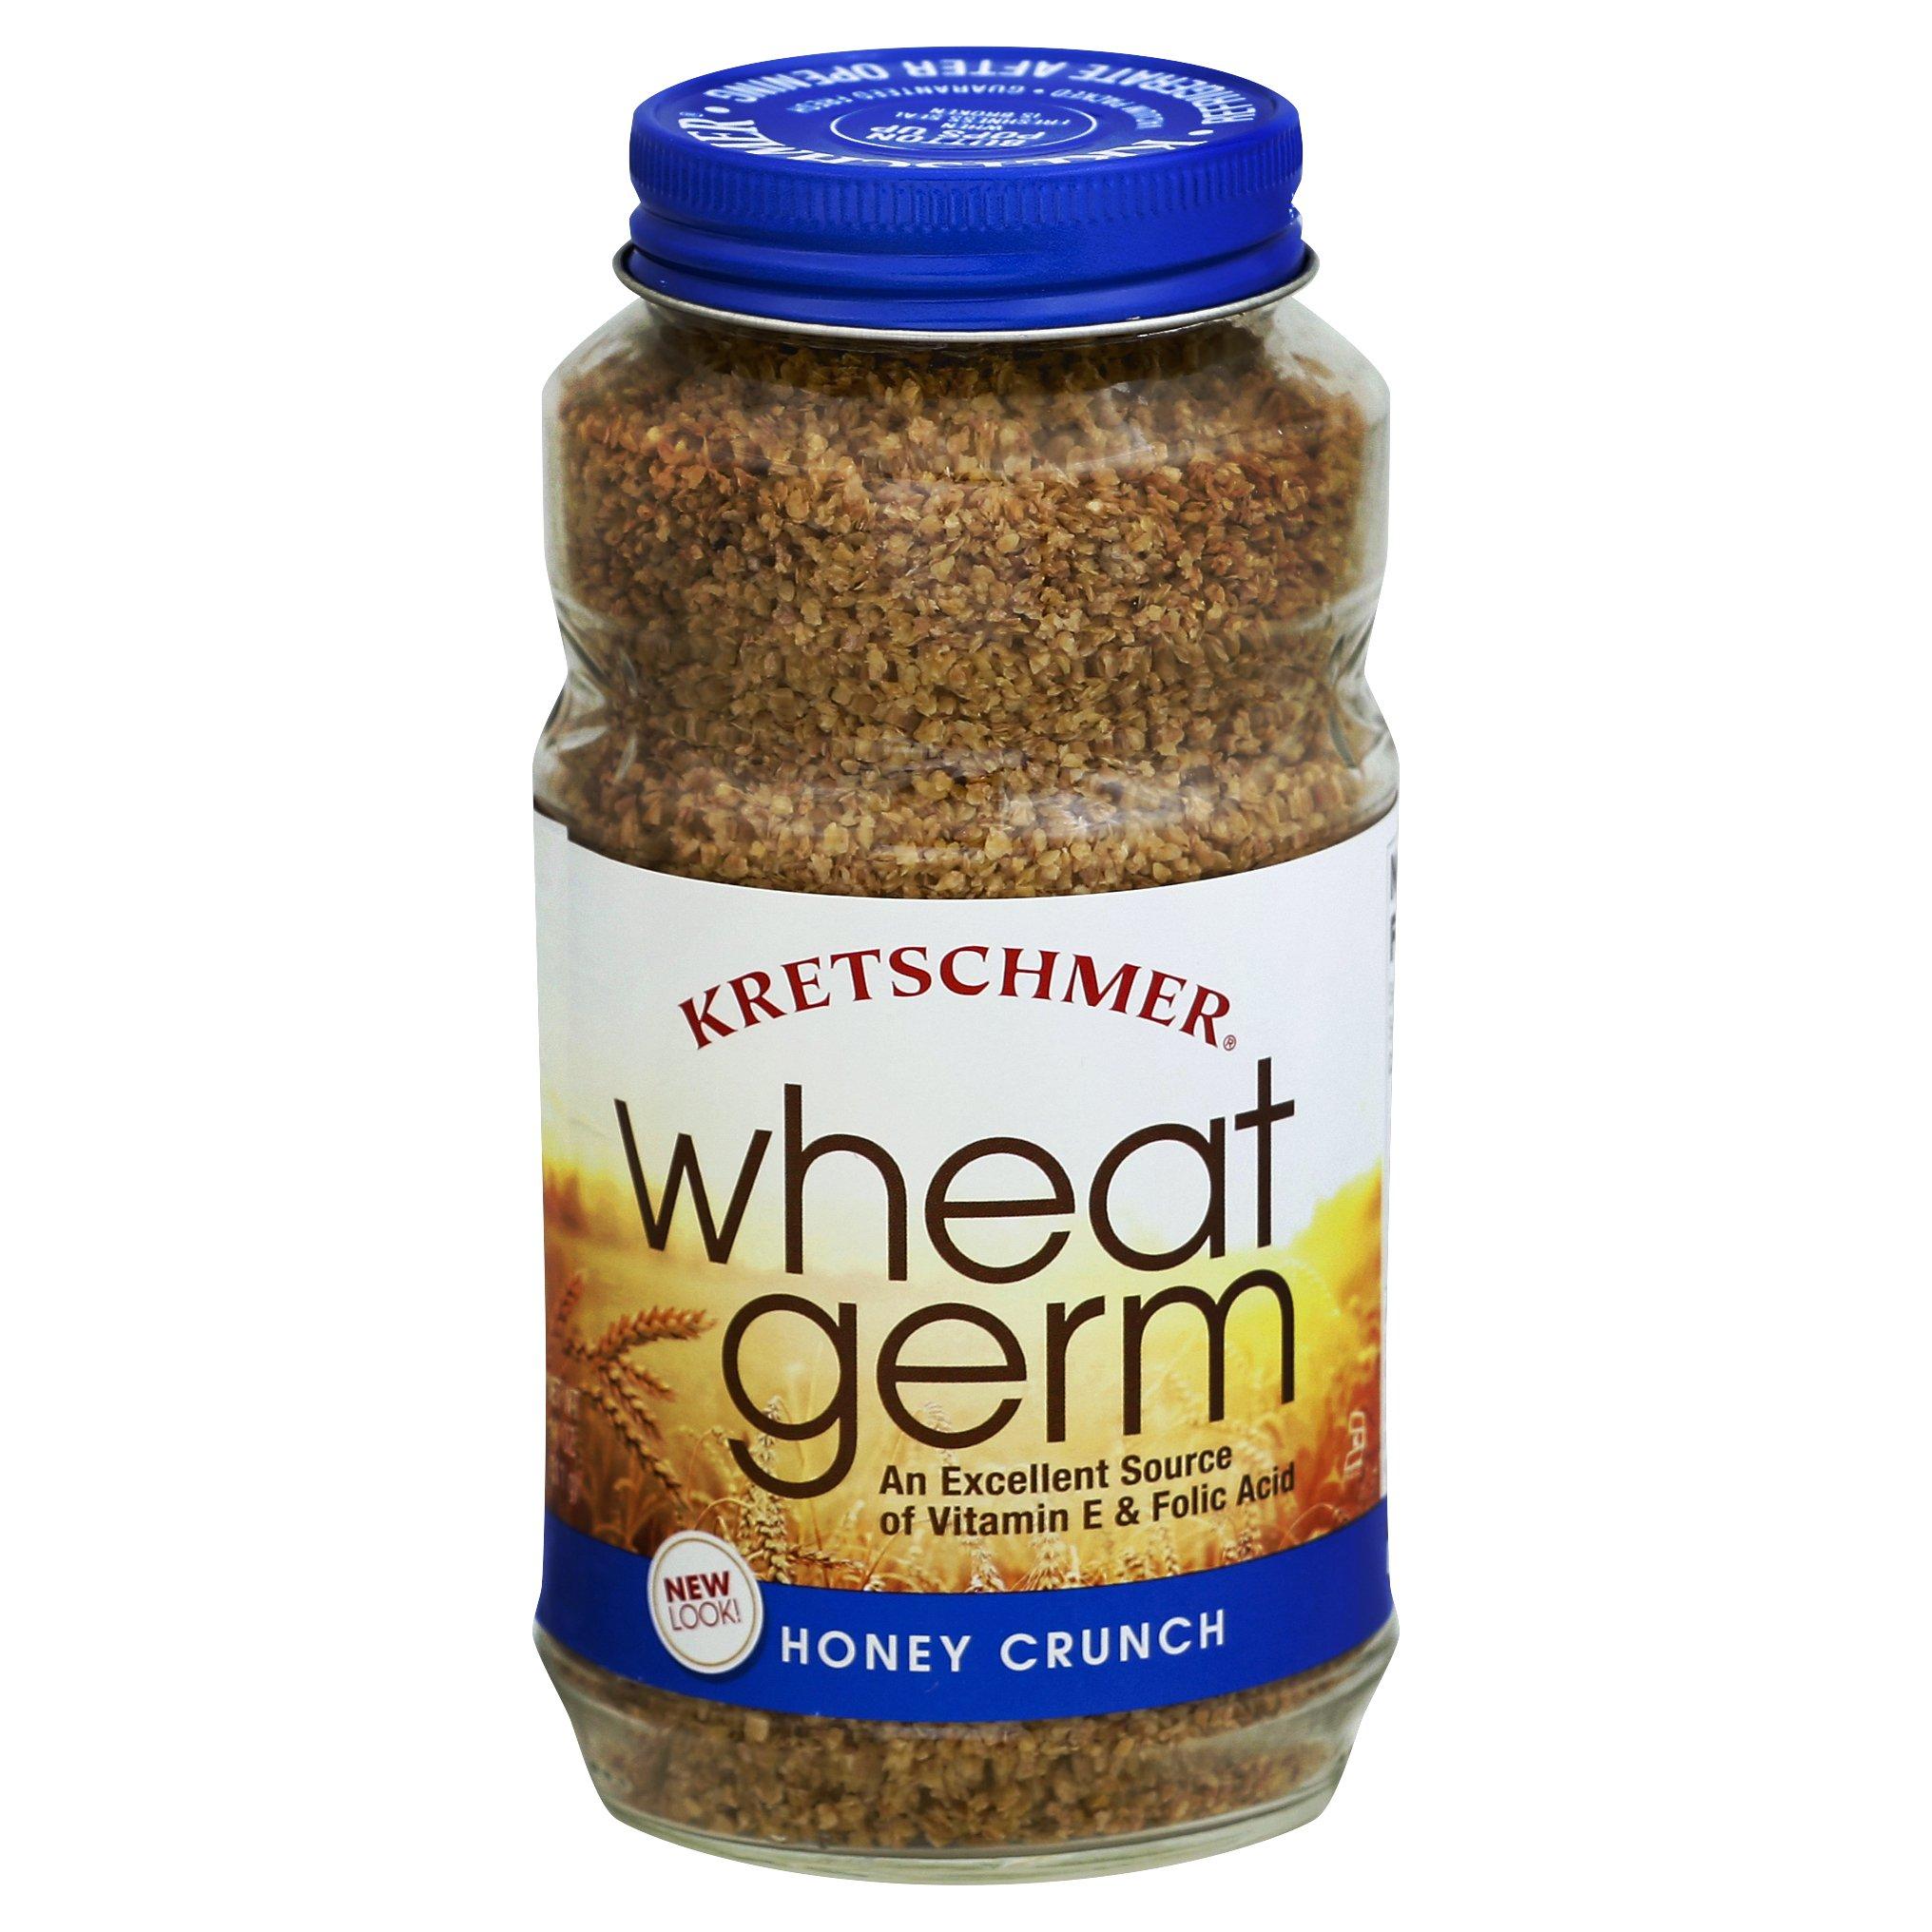 Kretschmer Honey Crunch Wheat Germ 11.0 OZ 12-Pack